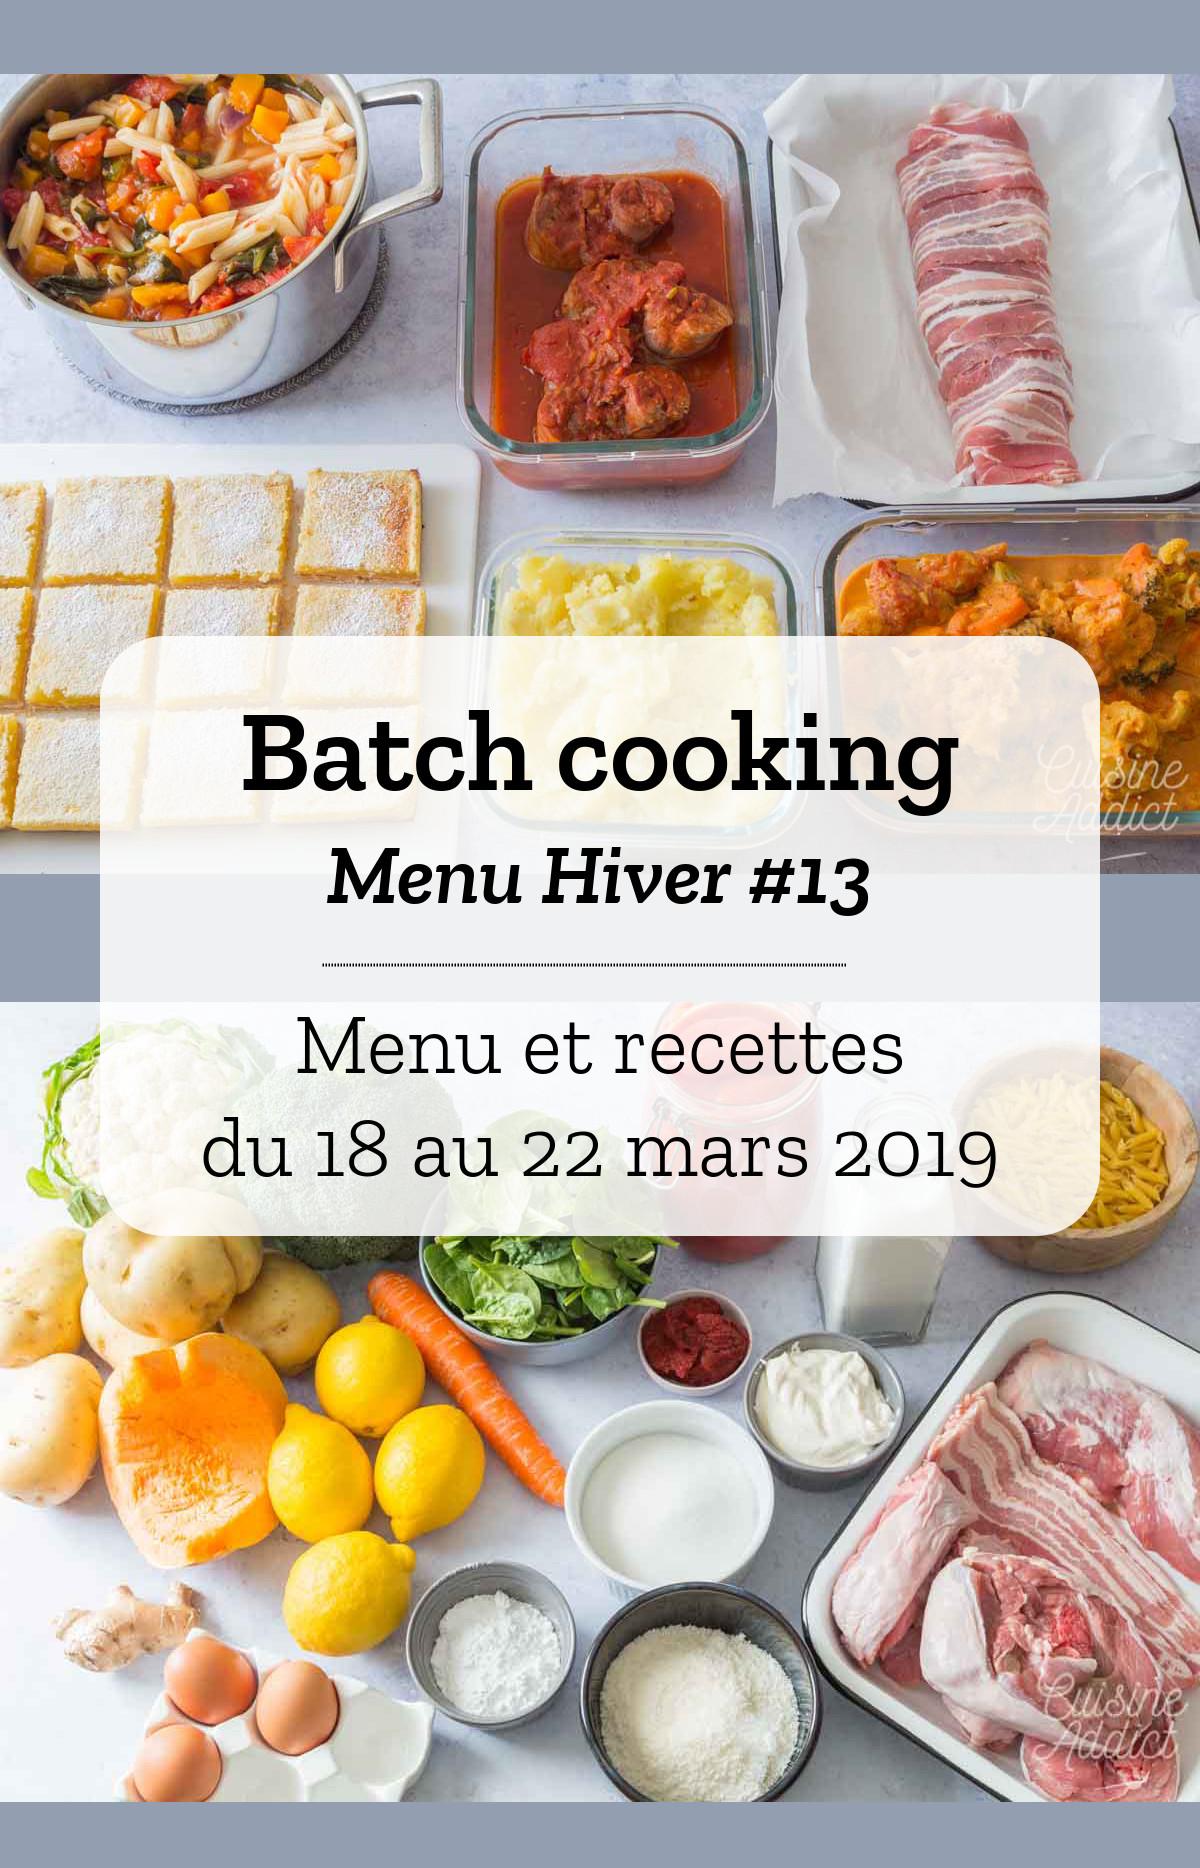 Batch cooking Hiver #13 - Mois de Mars - Semaine 12